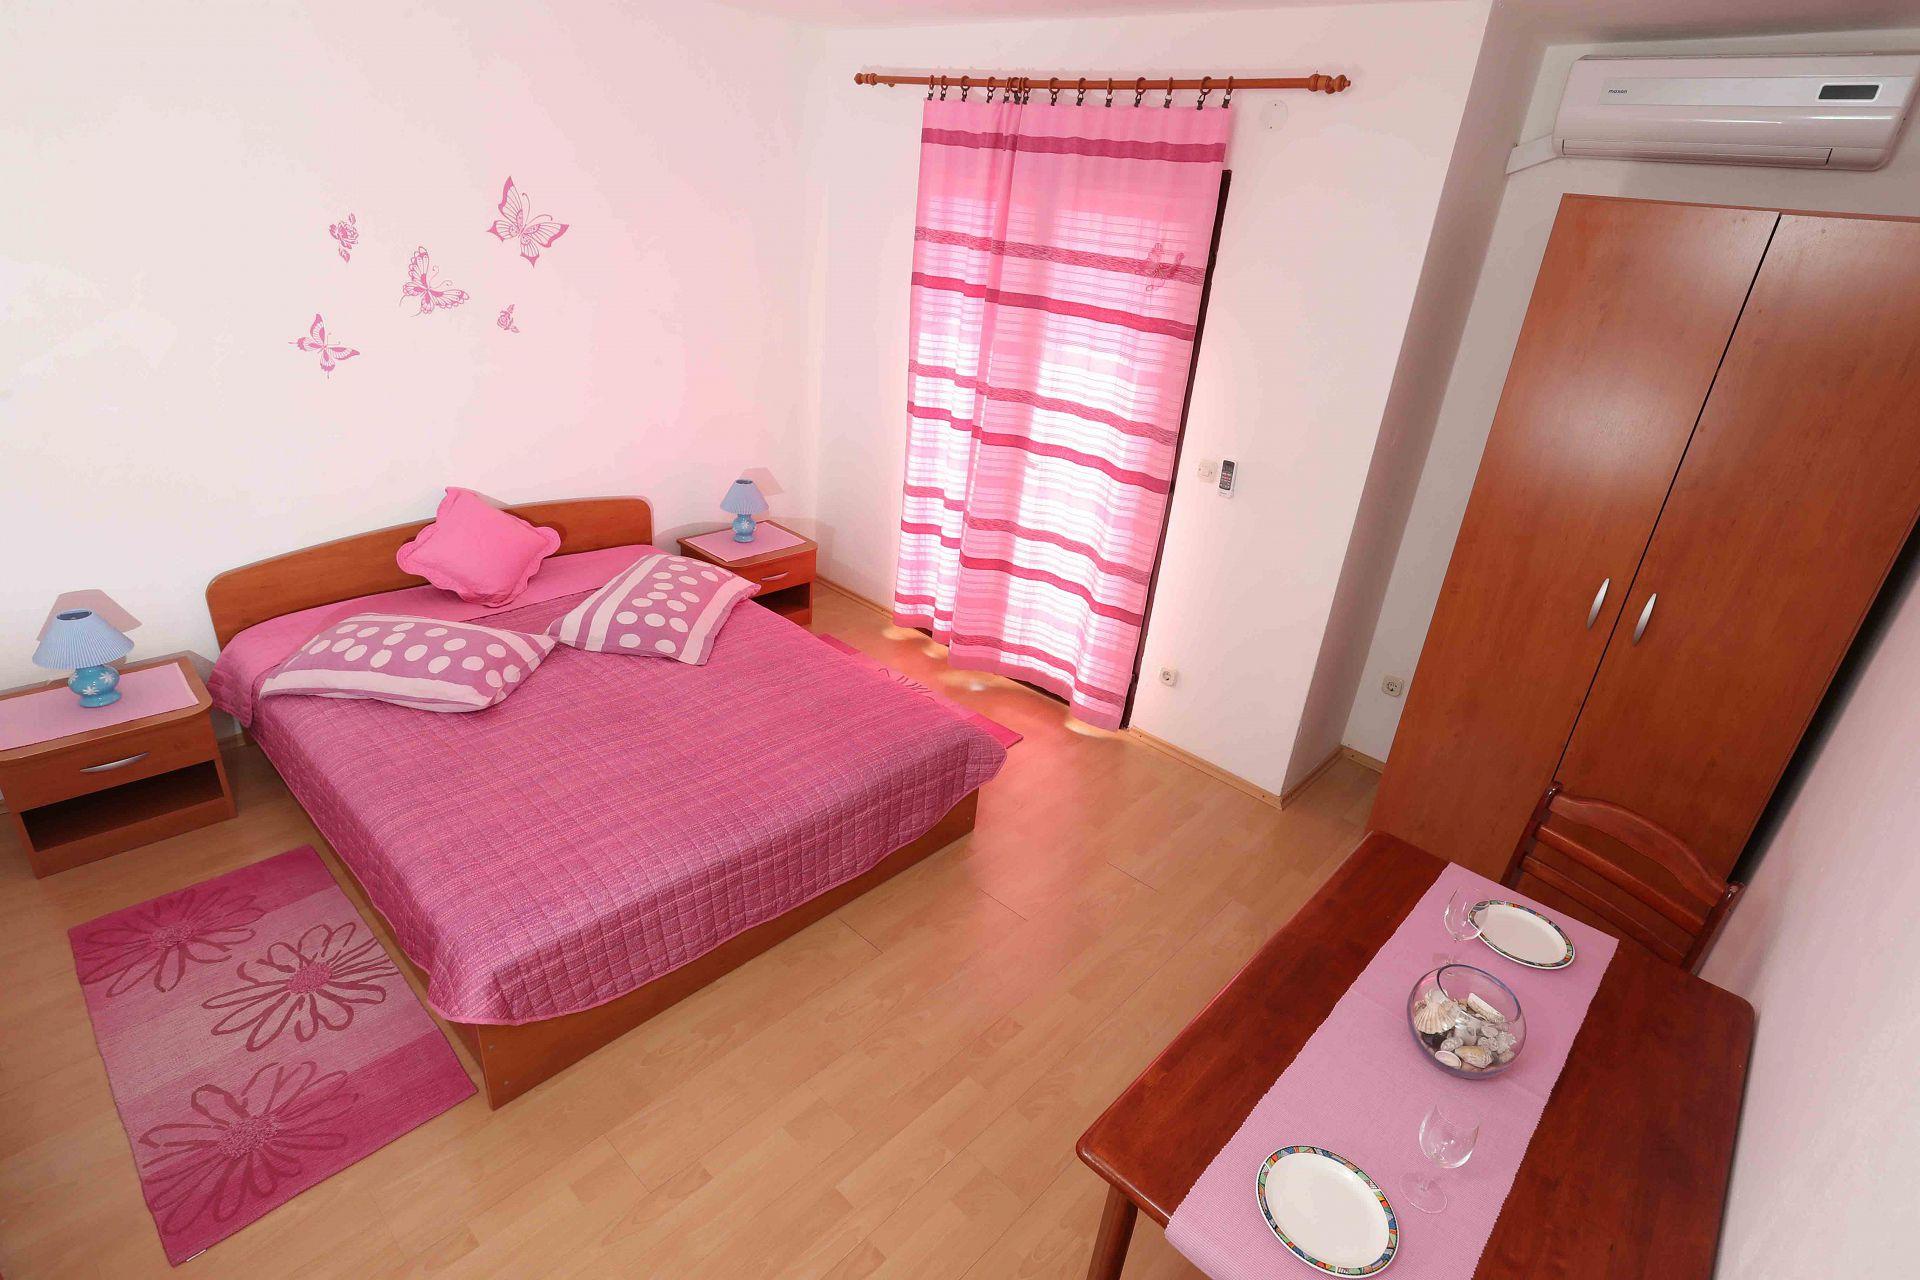 00603ZAVA - Zavala - Appartementen Kroatië - Ante(2): slaapkamer